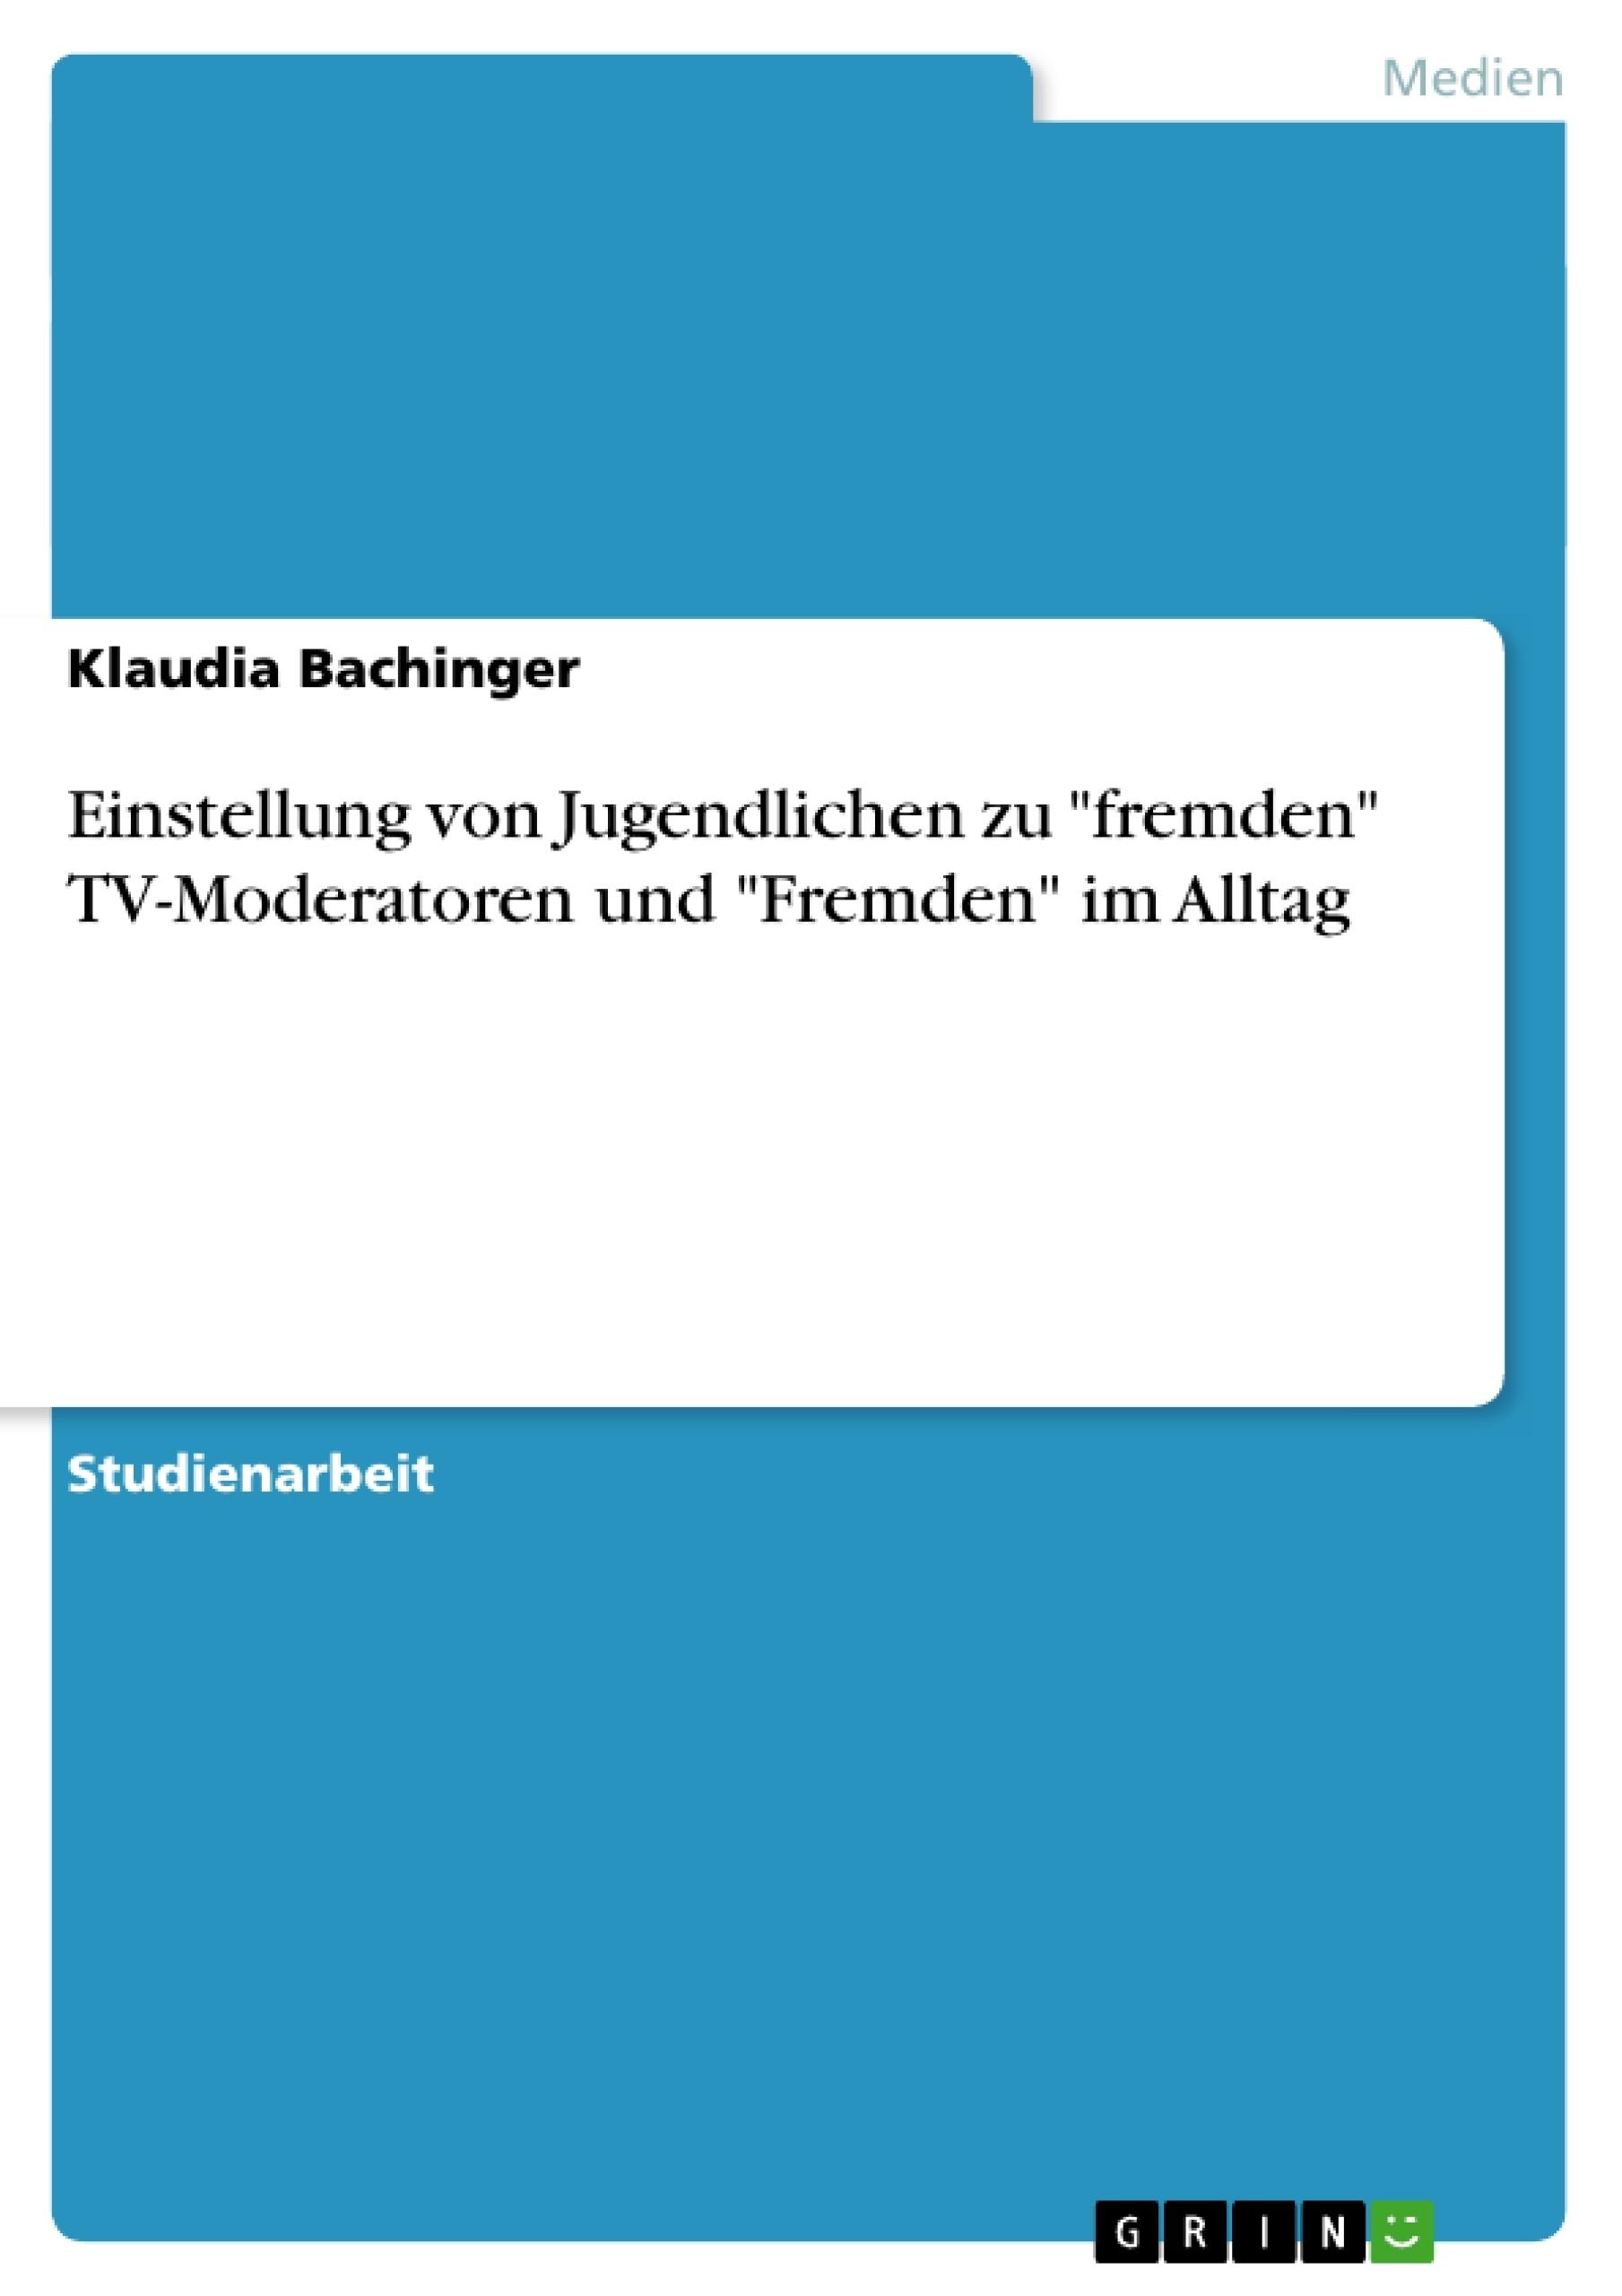 """Titel: Einstellung von Jugendlichen zu """"fremden"""" TV-Moderatoren und """"Fremden"""" im Alltag"""